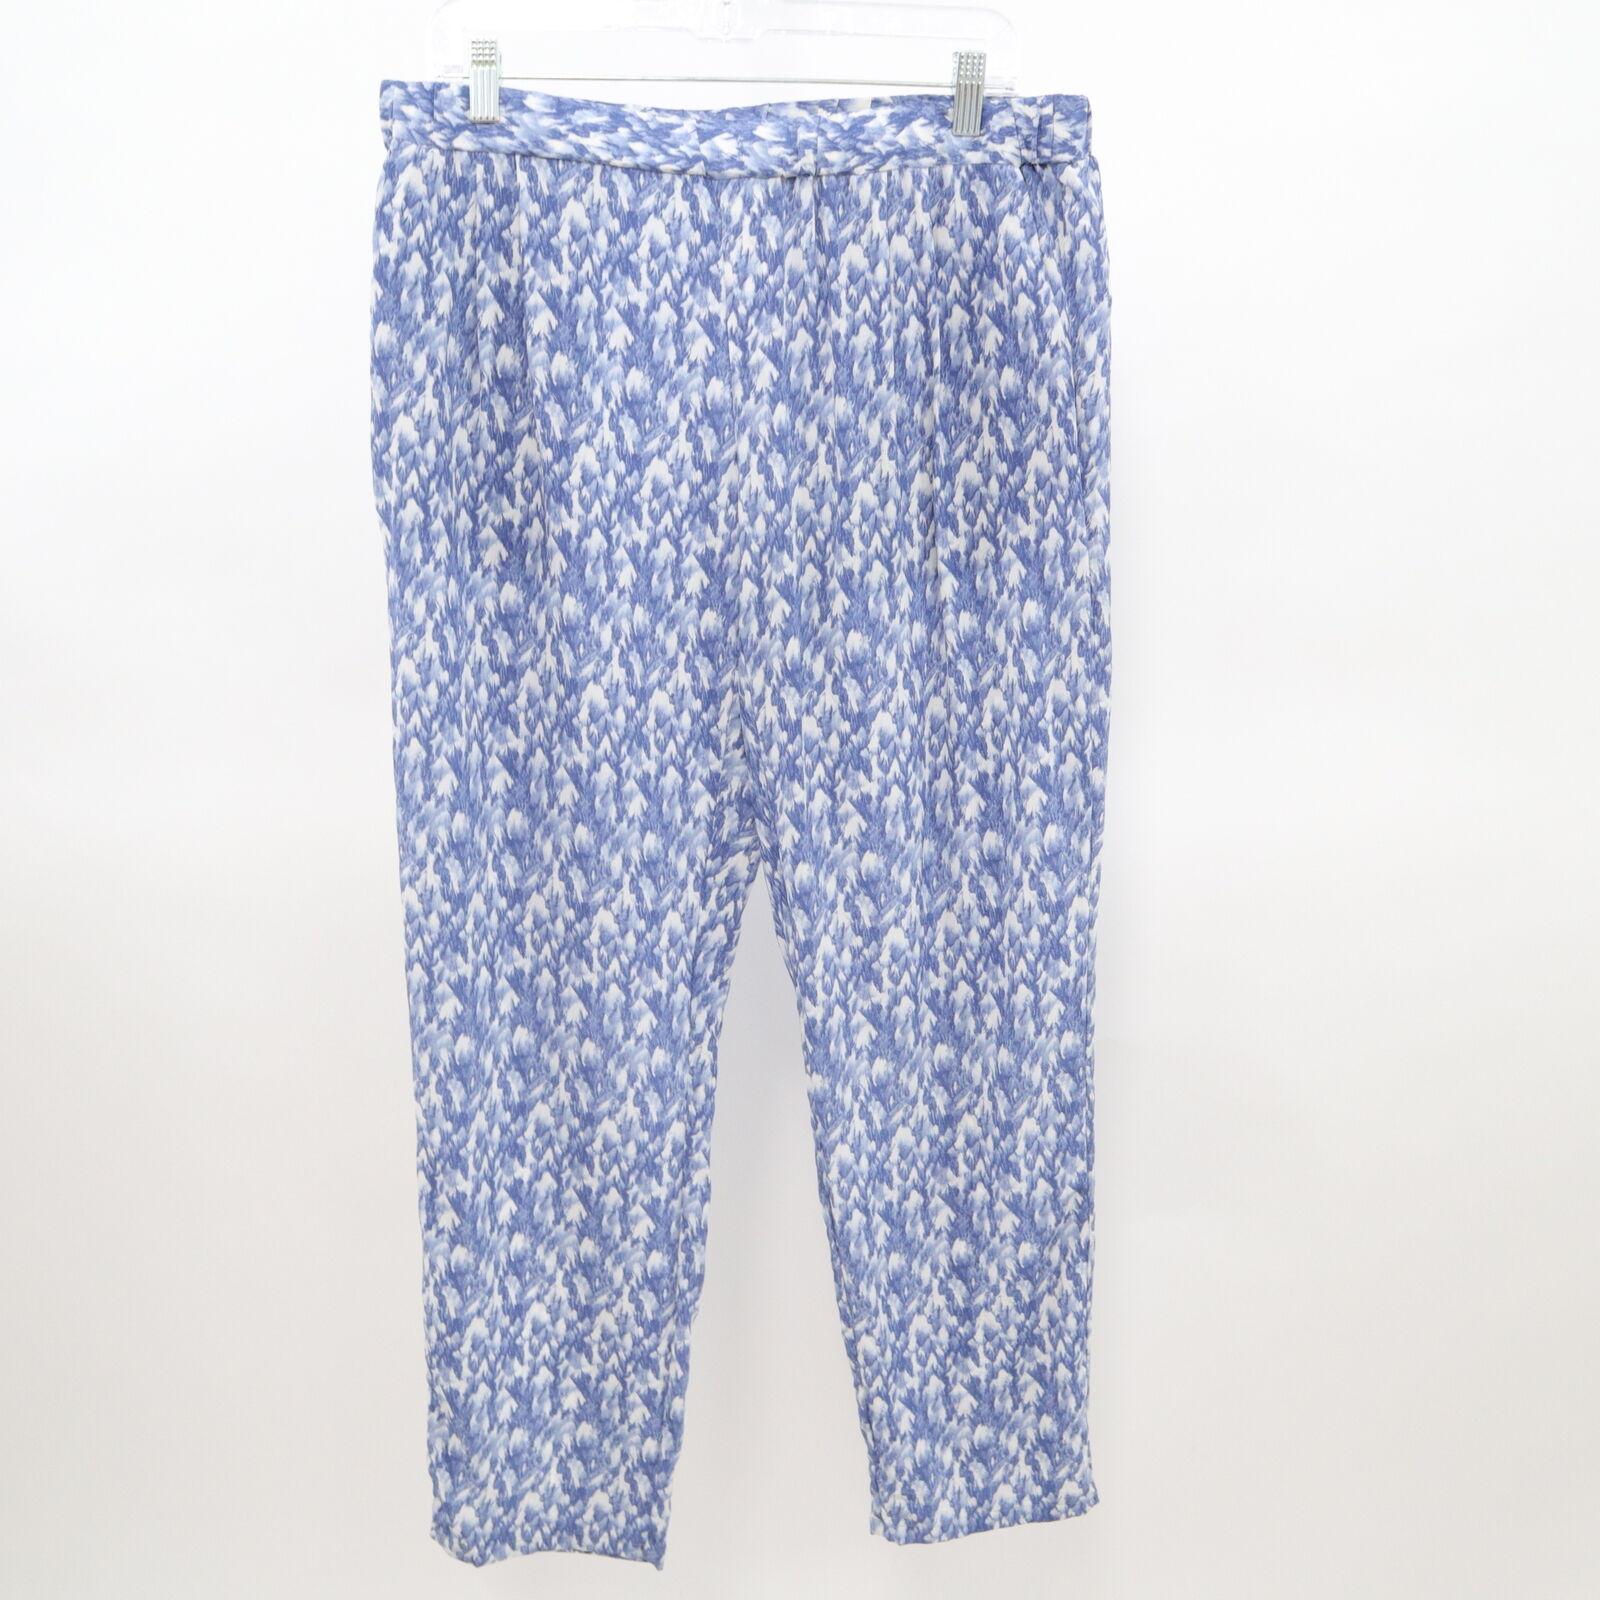 Joie Pantalones  para mujer 100% Seda Gage L Grande Azul blancooo Estampado de tobillo longitud tirar-en  últimos estilos